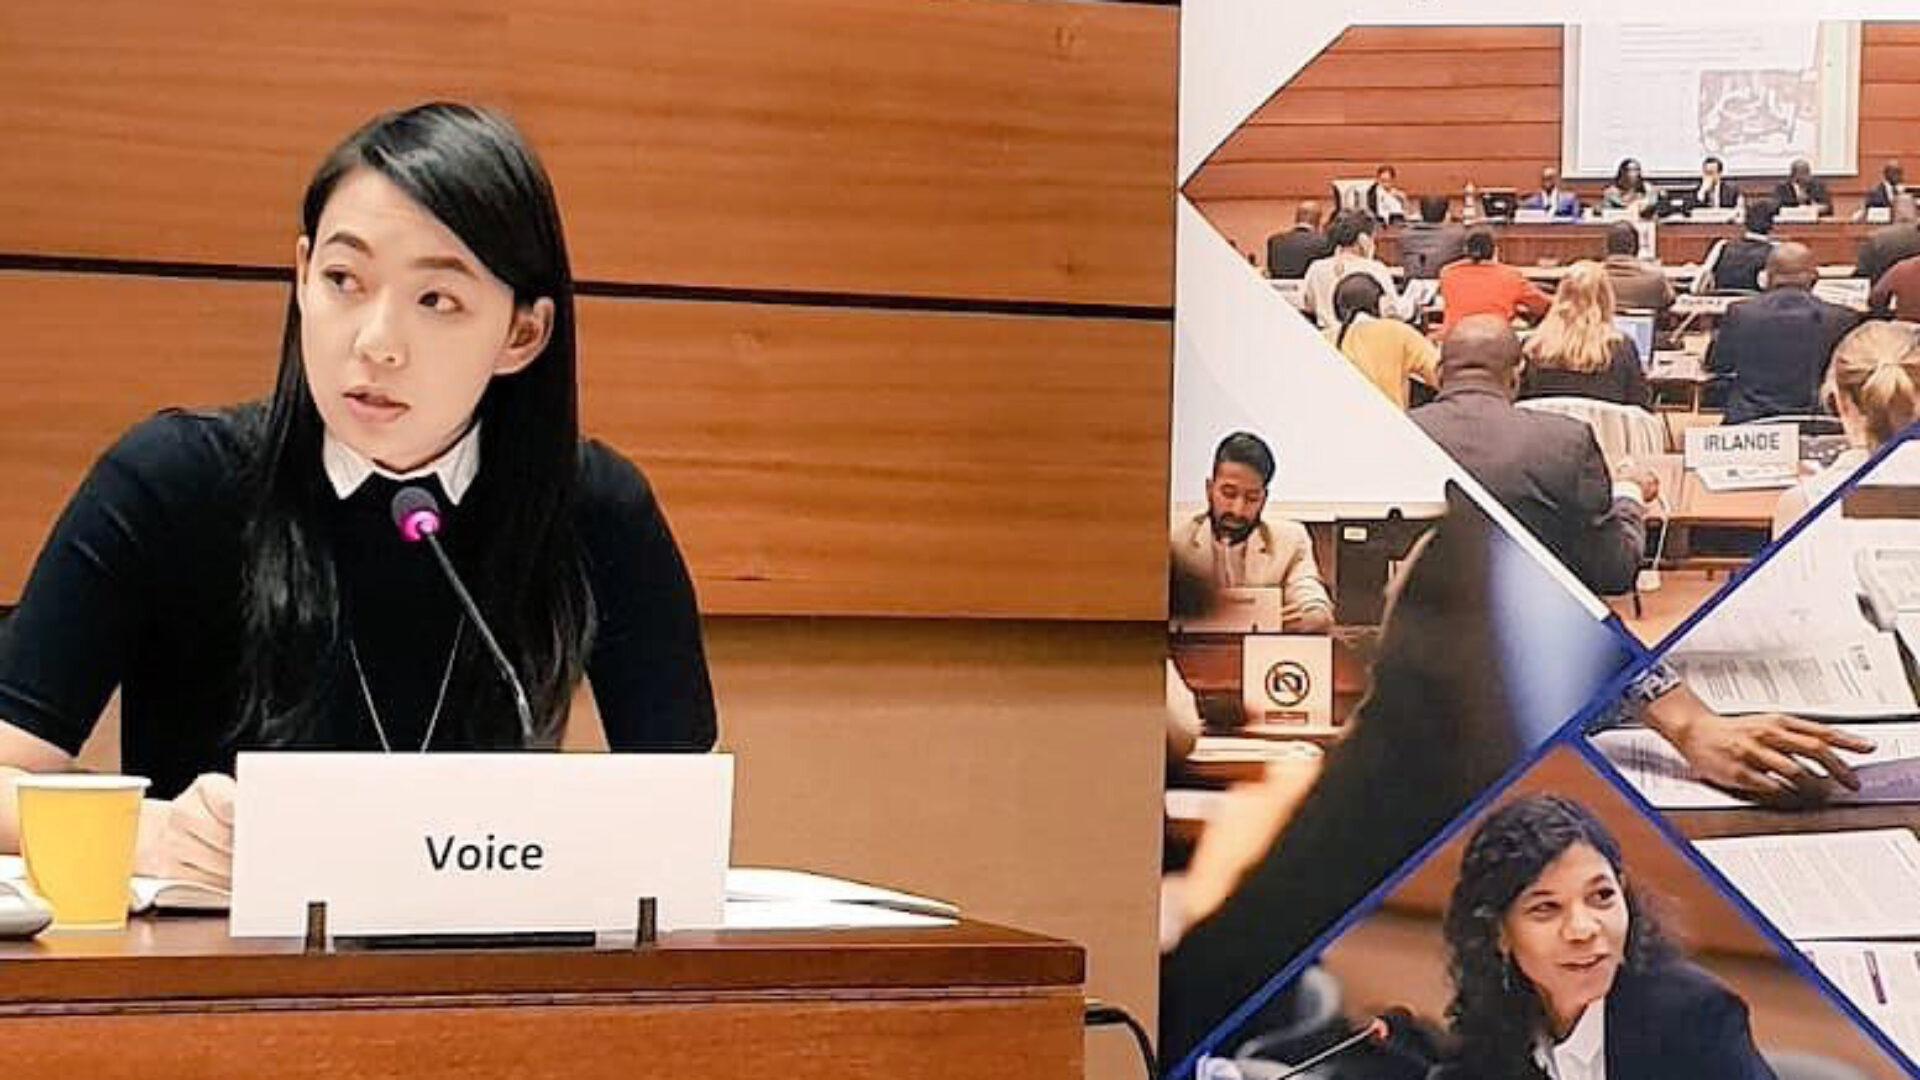 Việt nam: Chúng tôi hy vọng các quốc gia thành viên Liên Hiệp Quốc sẽ lắng nghe Xã hội dân sự.